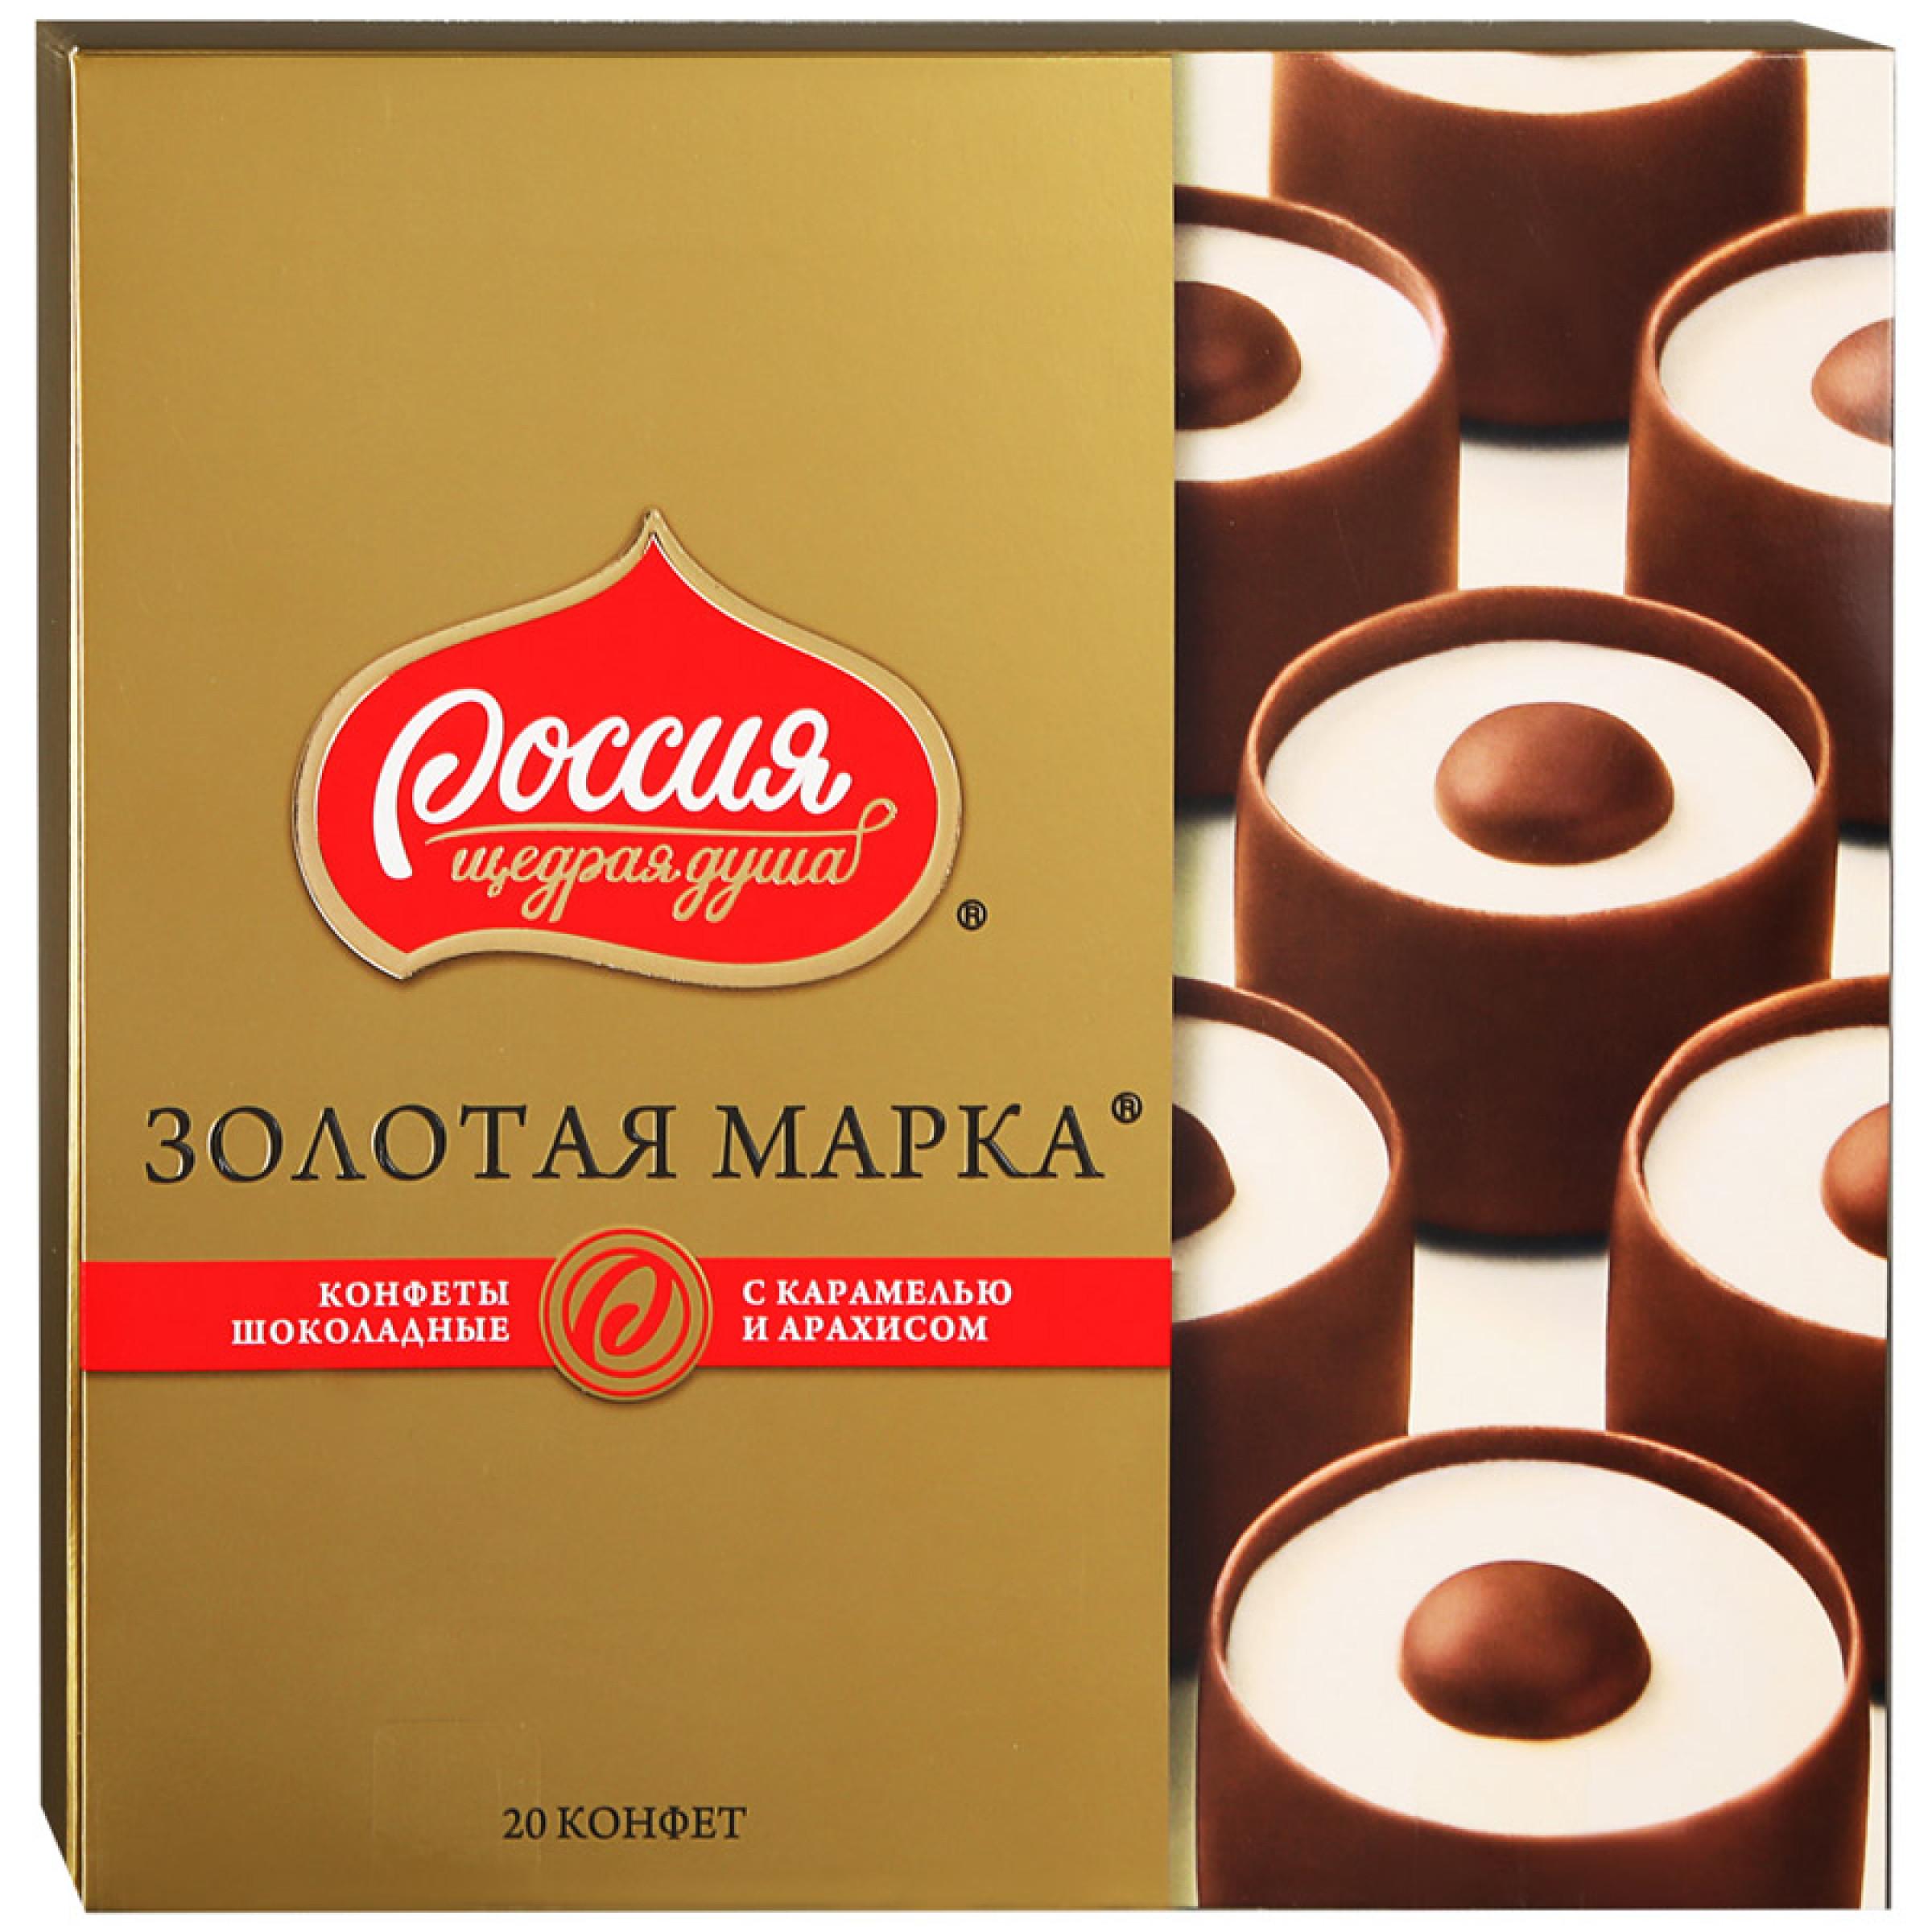 """Шоколадные конфеты золотая марка с карамелью и дробленым арахисом """"Россия щедрая душа"""", 184гр"""